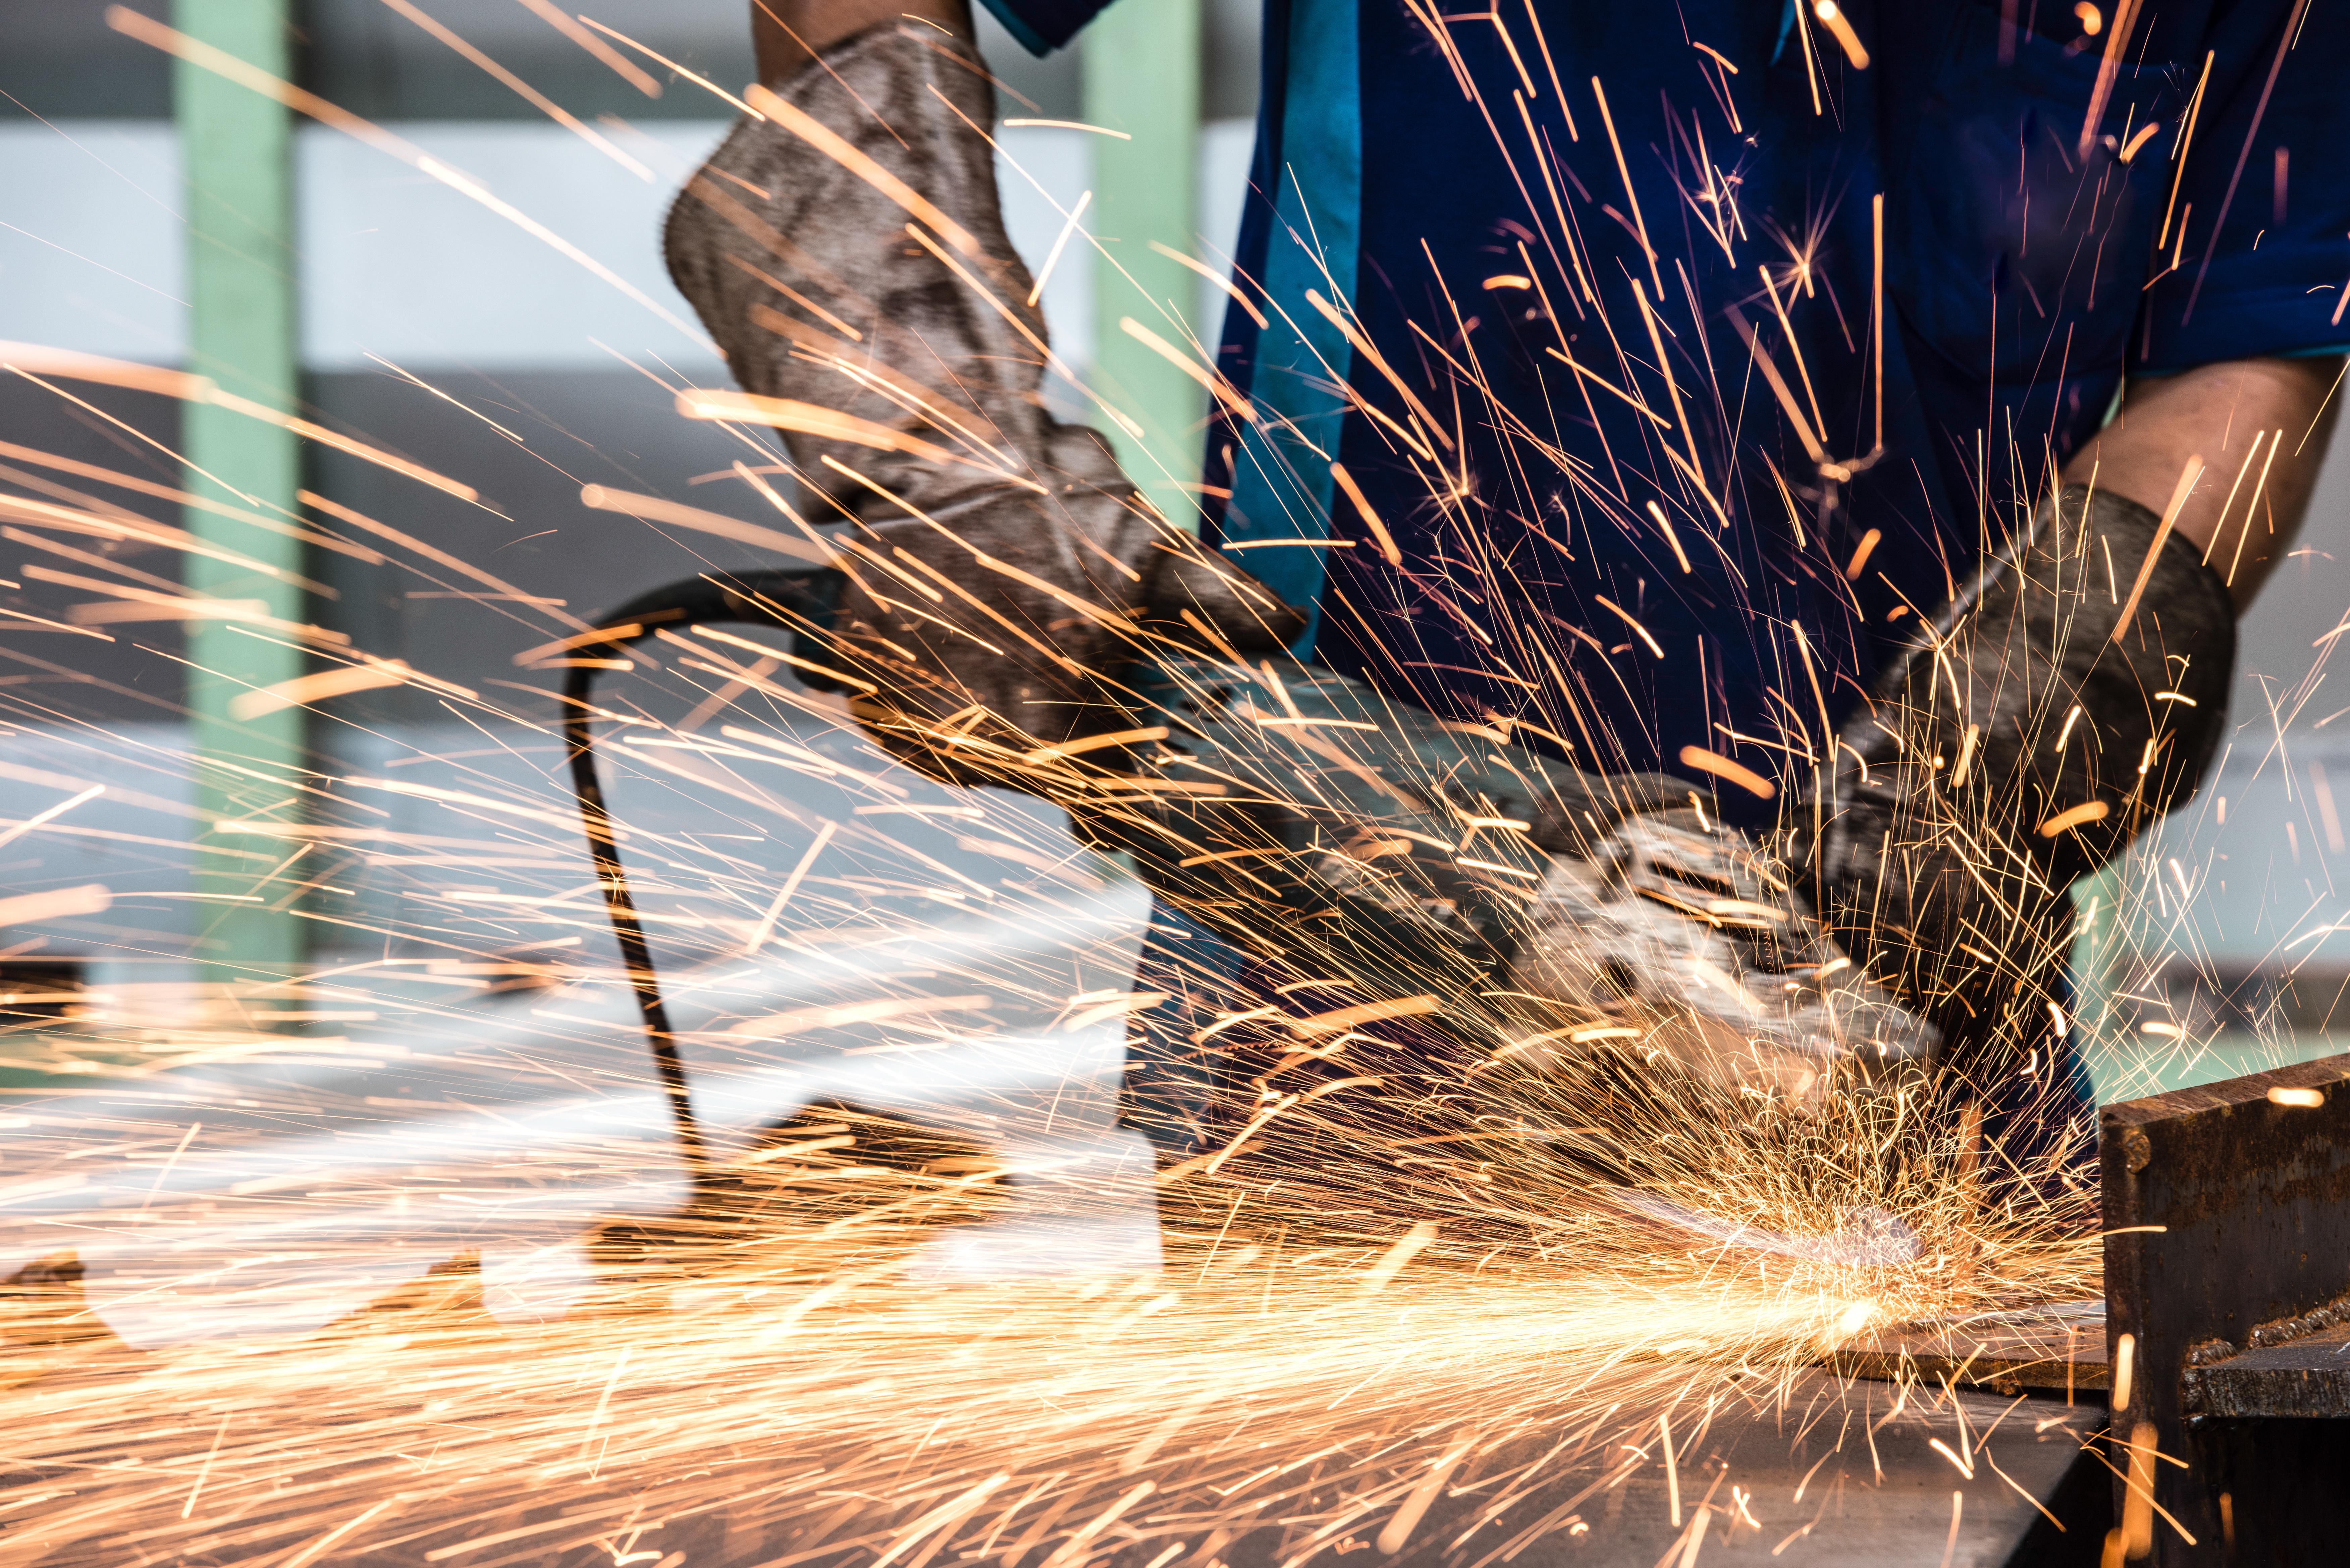 Las personas que trabajan en la industria metalmecánica se exponen a altos niveles de ruido.